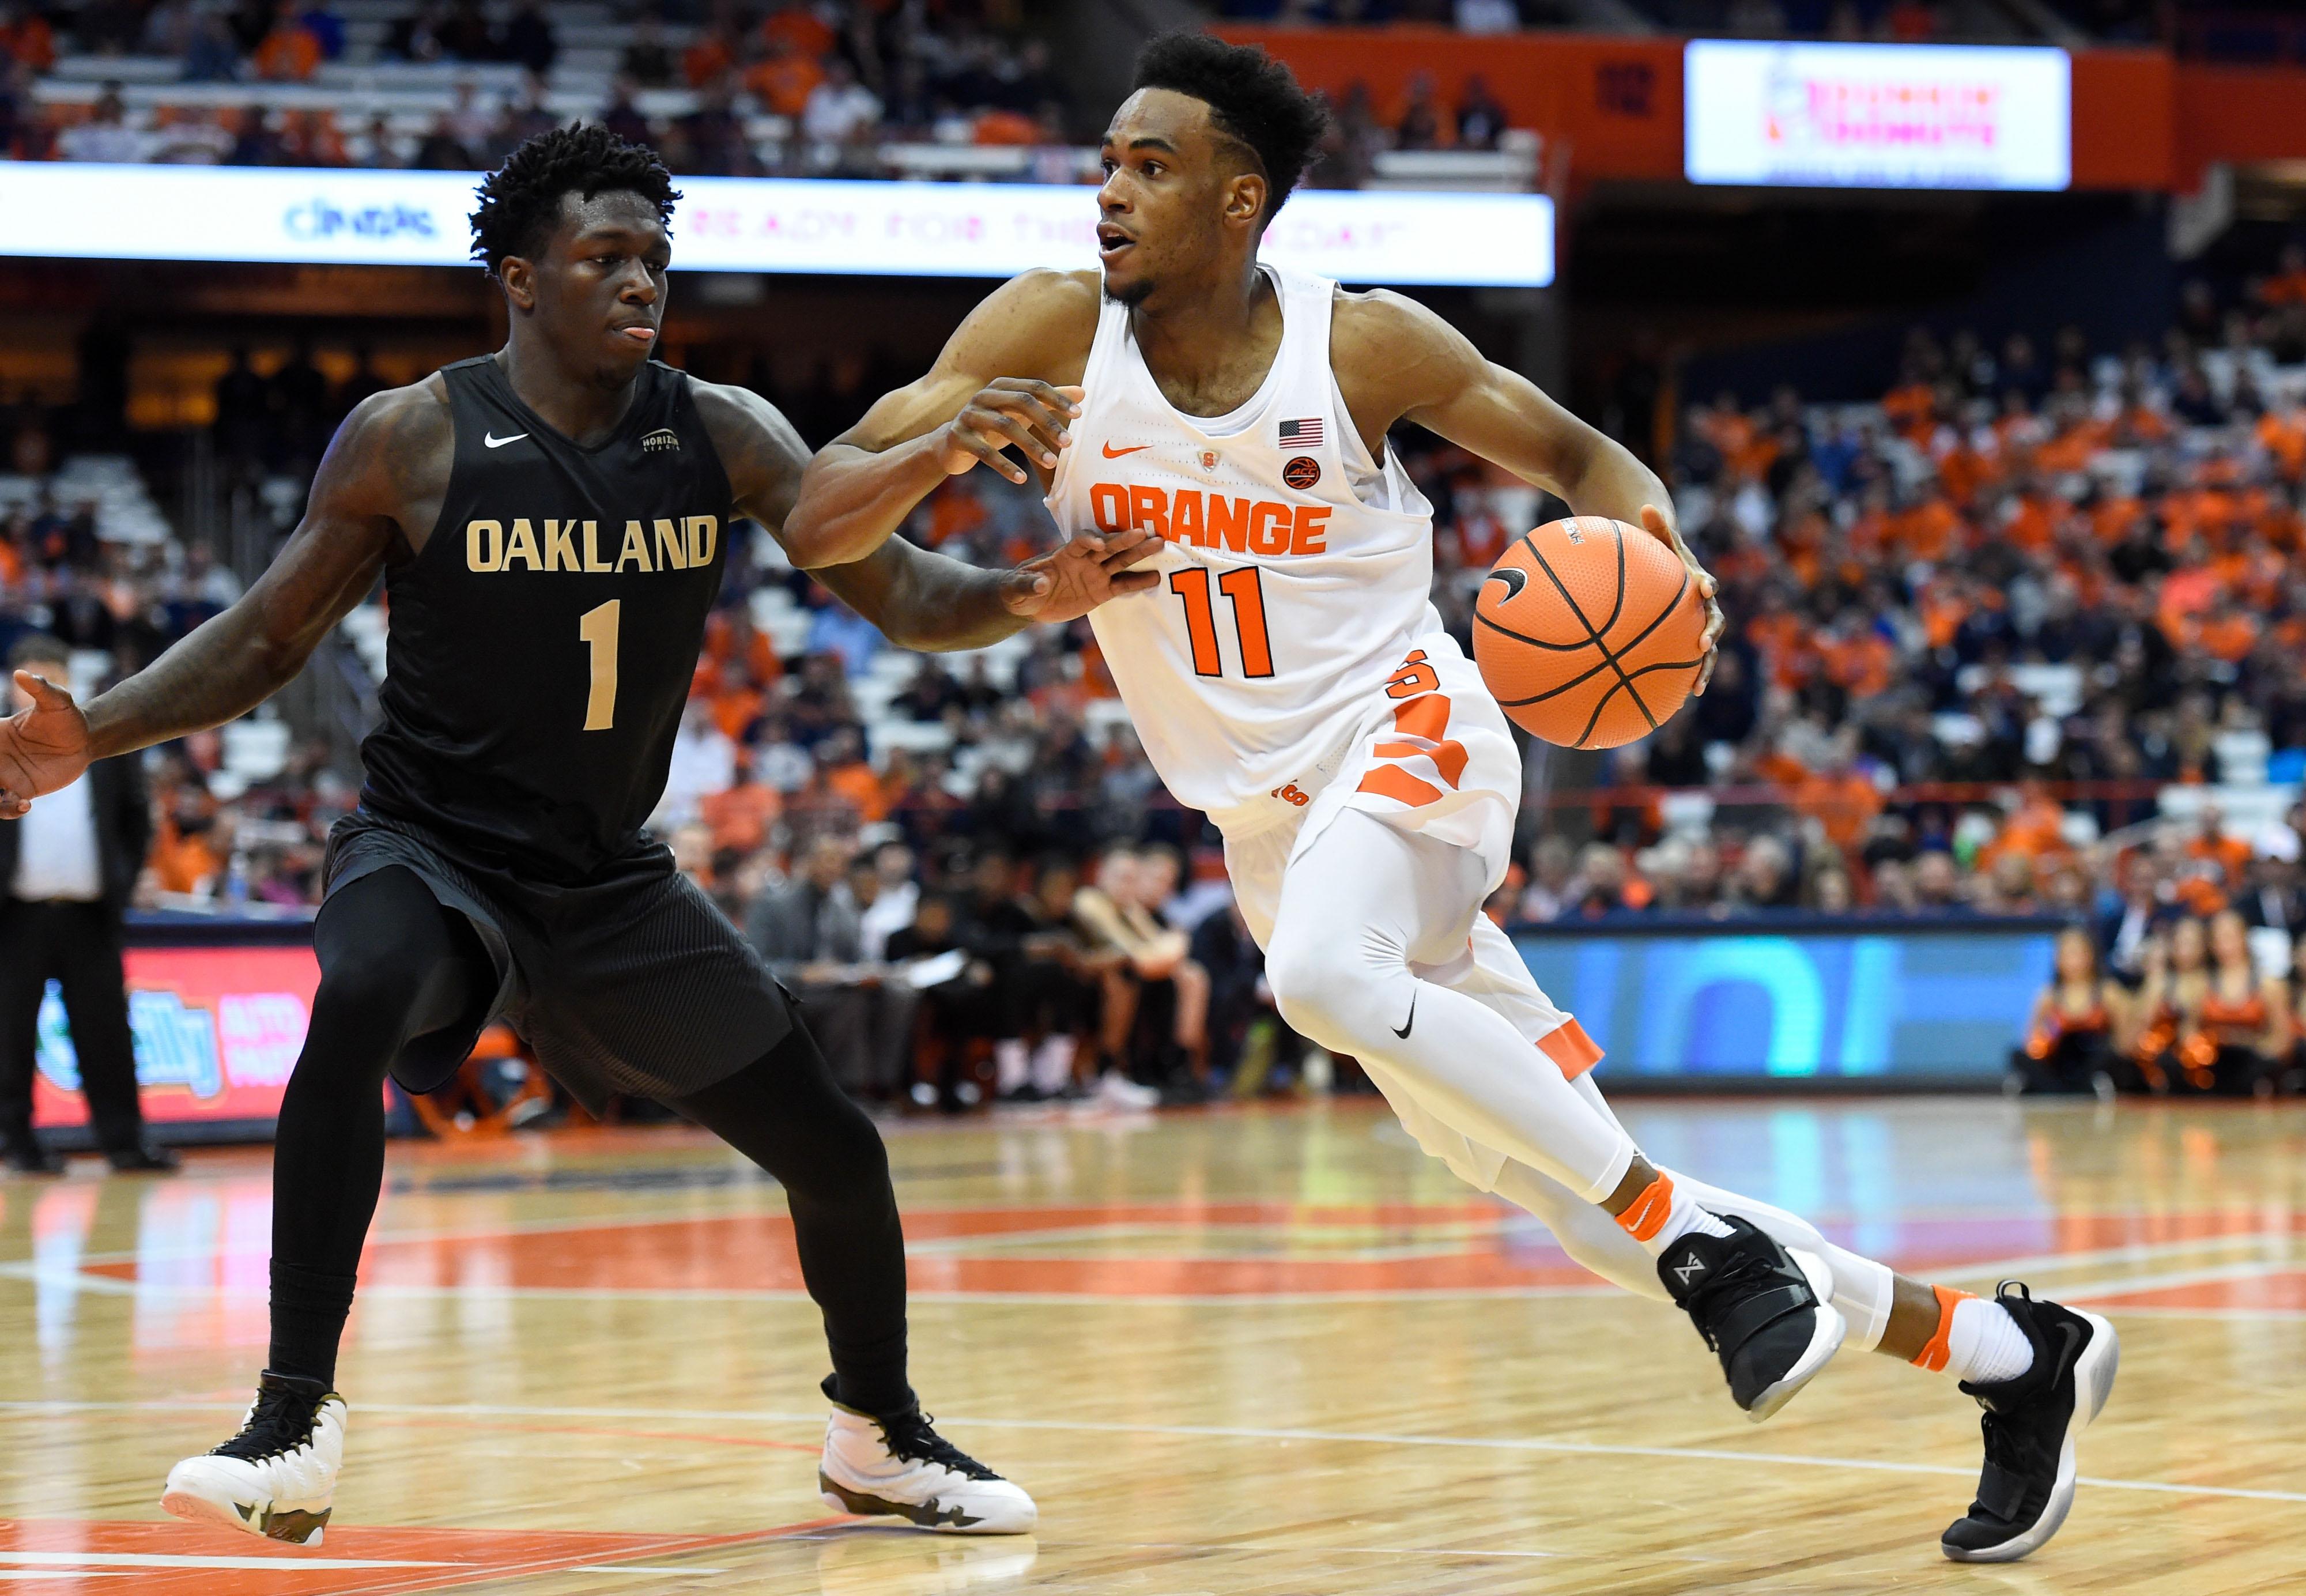 NCAA Basketball: Oakland at Syracuse